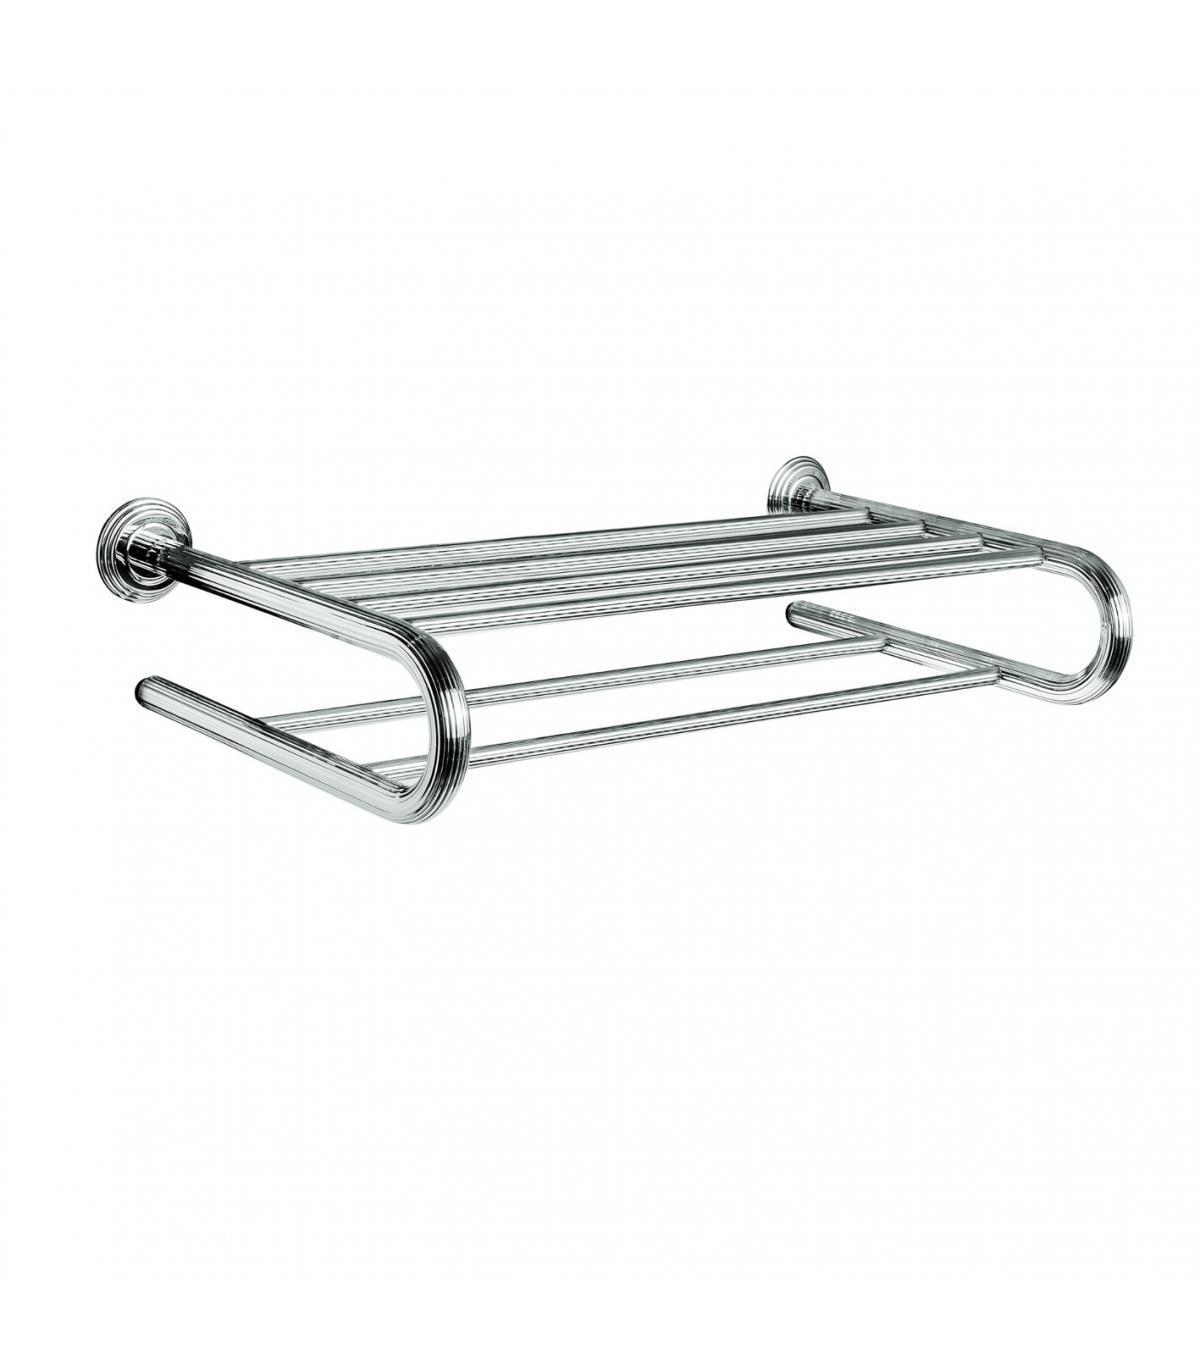 IRSAP kit coppia mensole per Tesi 2 colonne, fissaggio a tassello